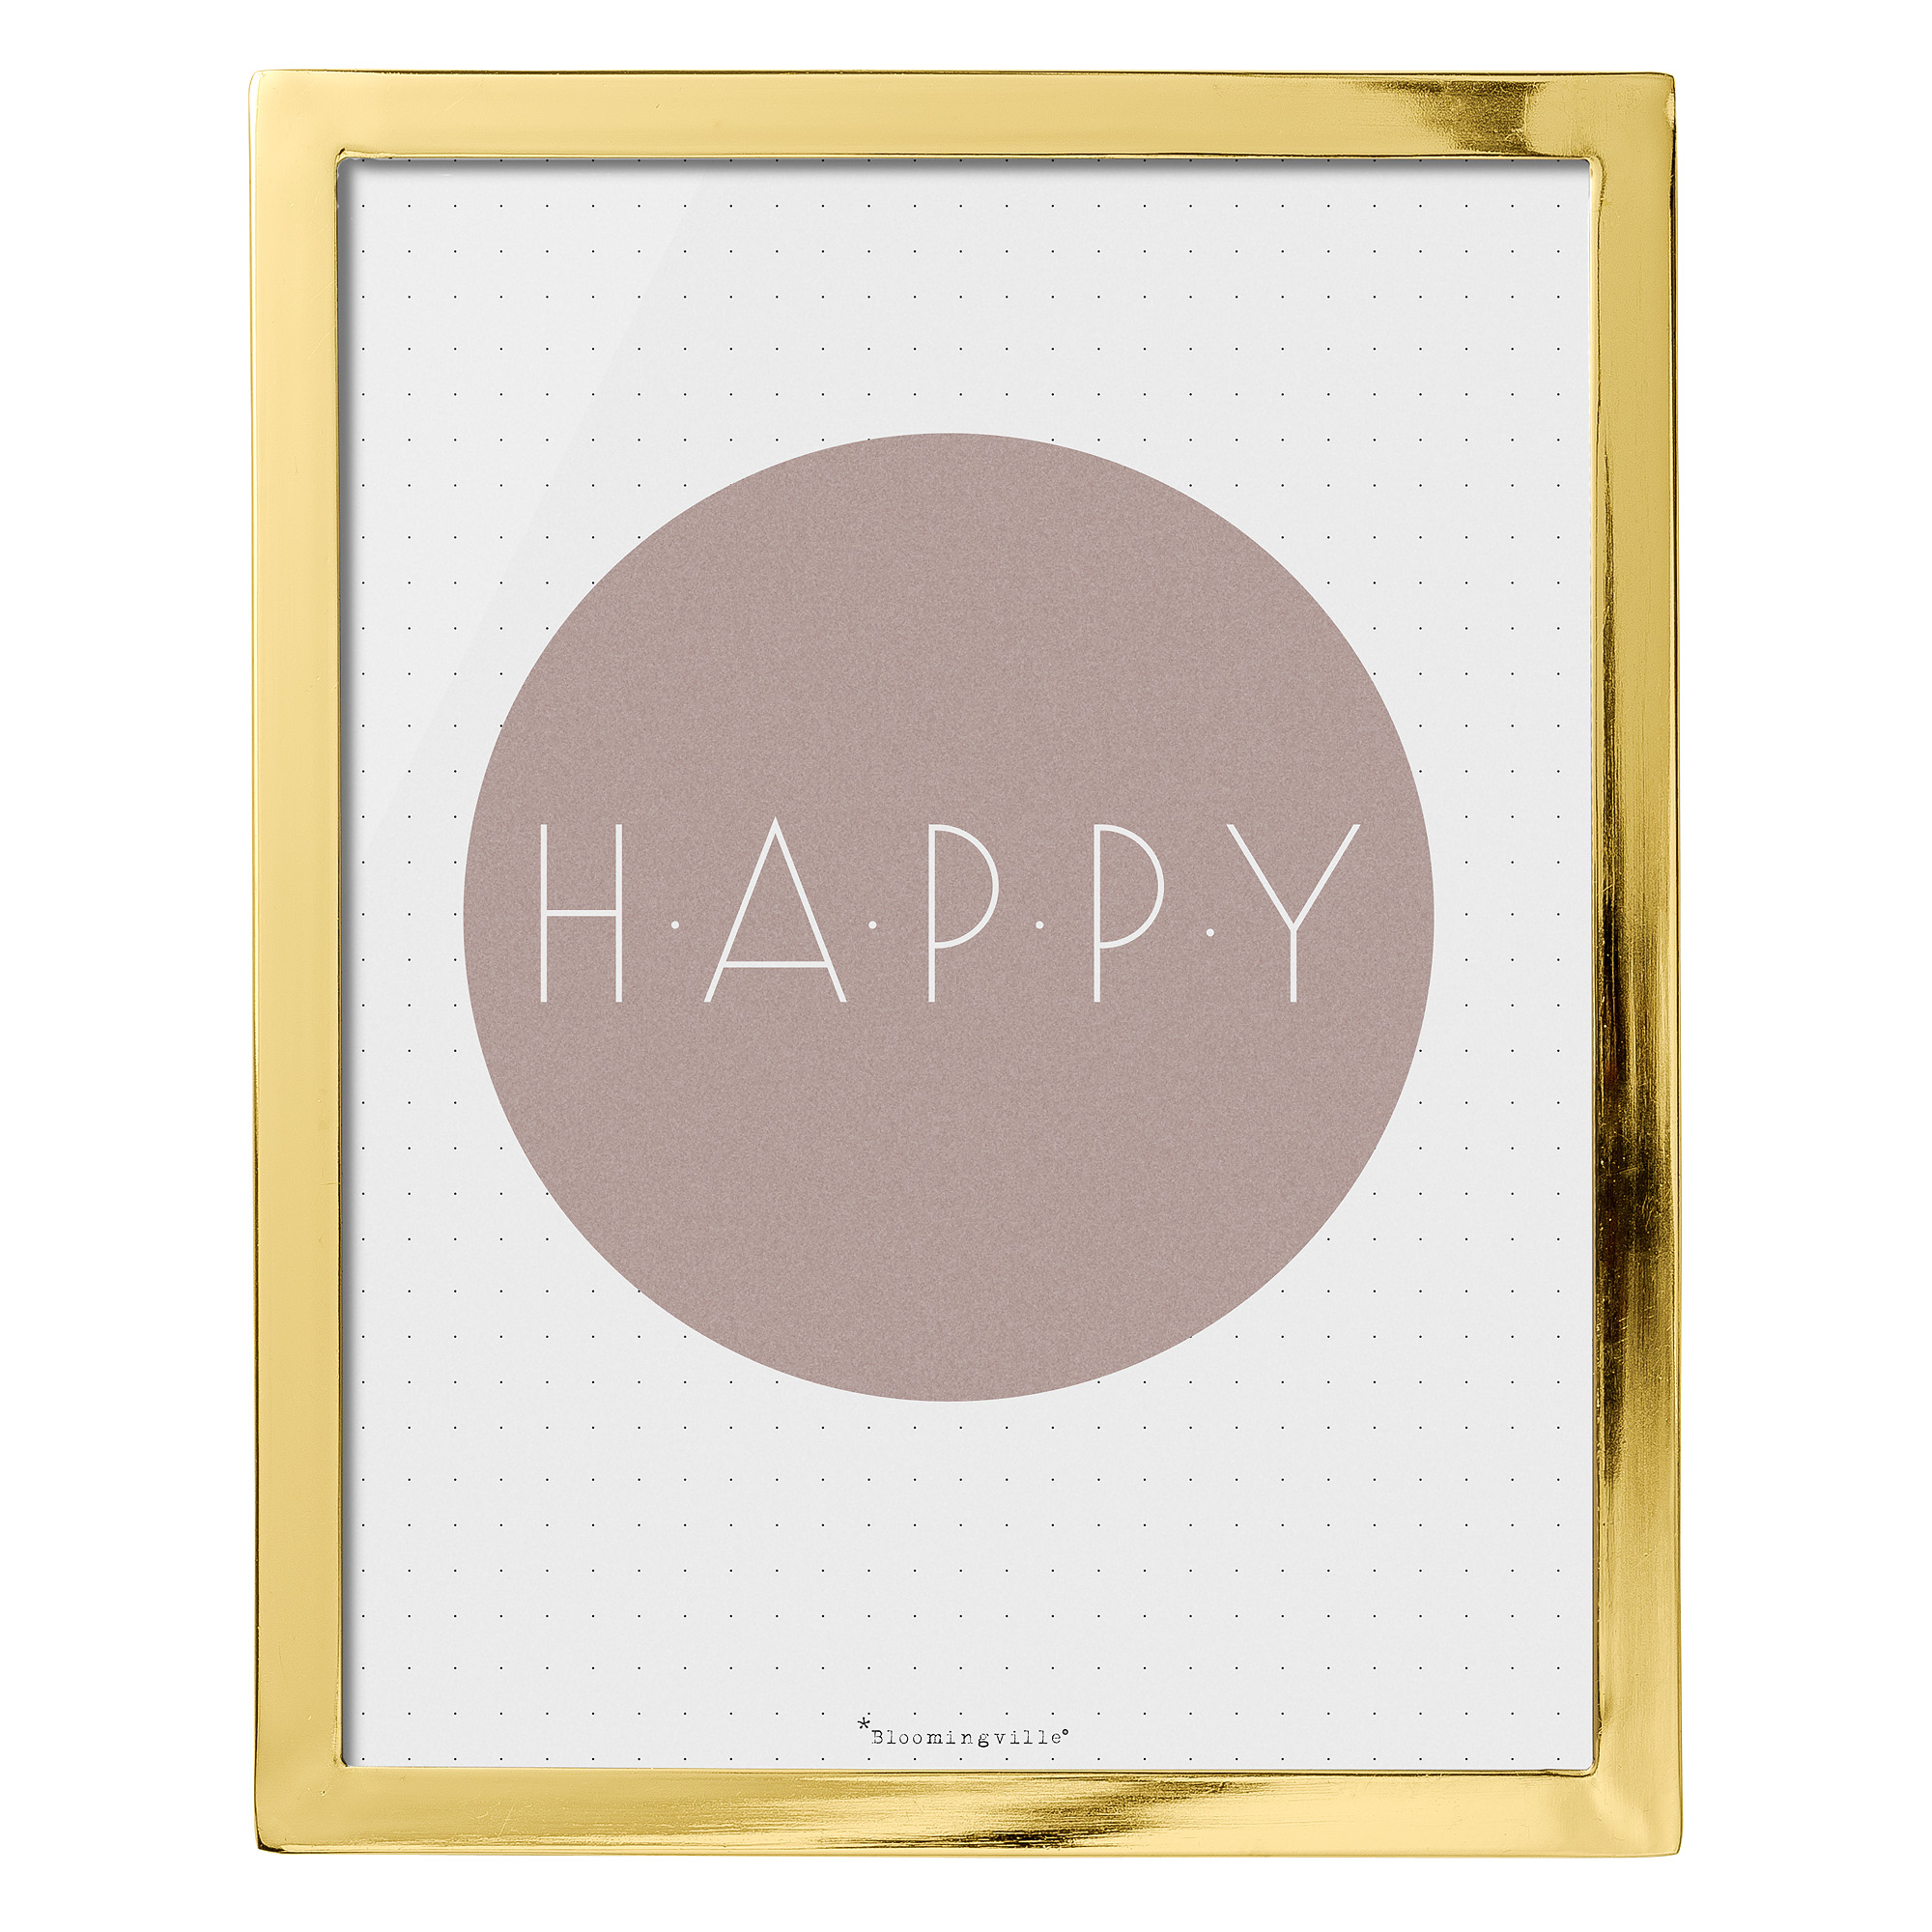 Купить со скидкой Картина Happy в золотой рамке